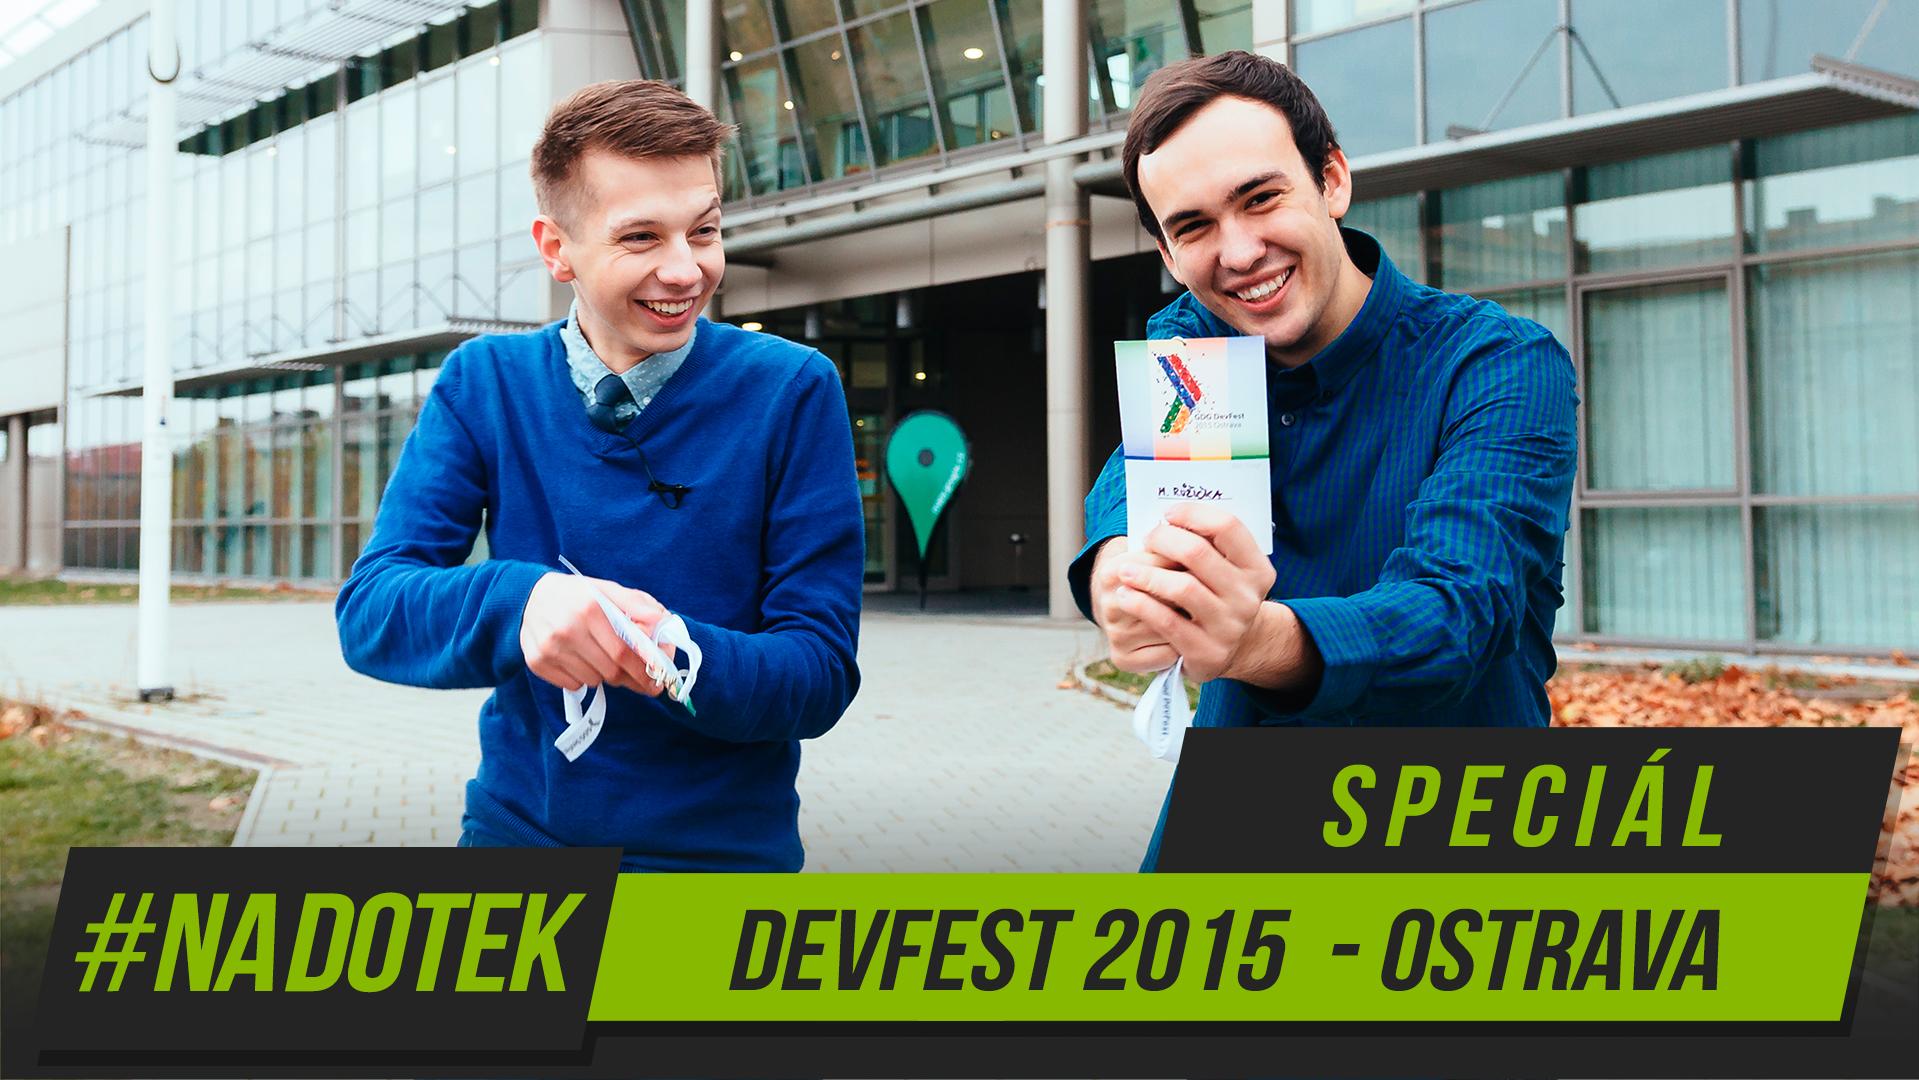 Na Dotek – Ostravský speciál [DevFest 2015]